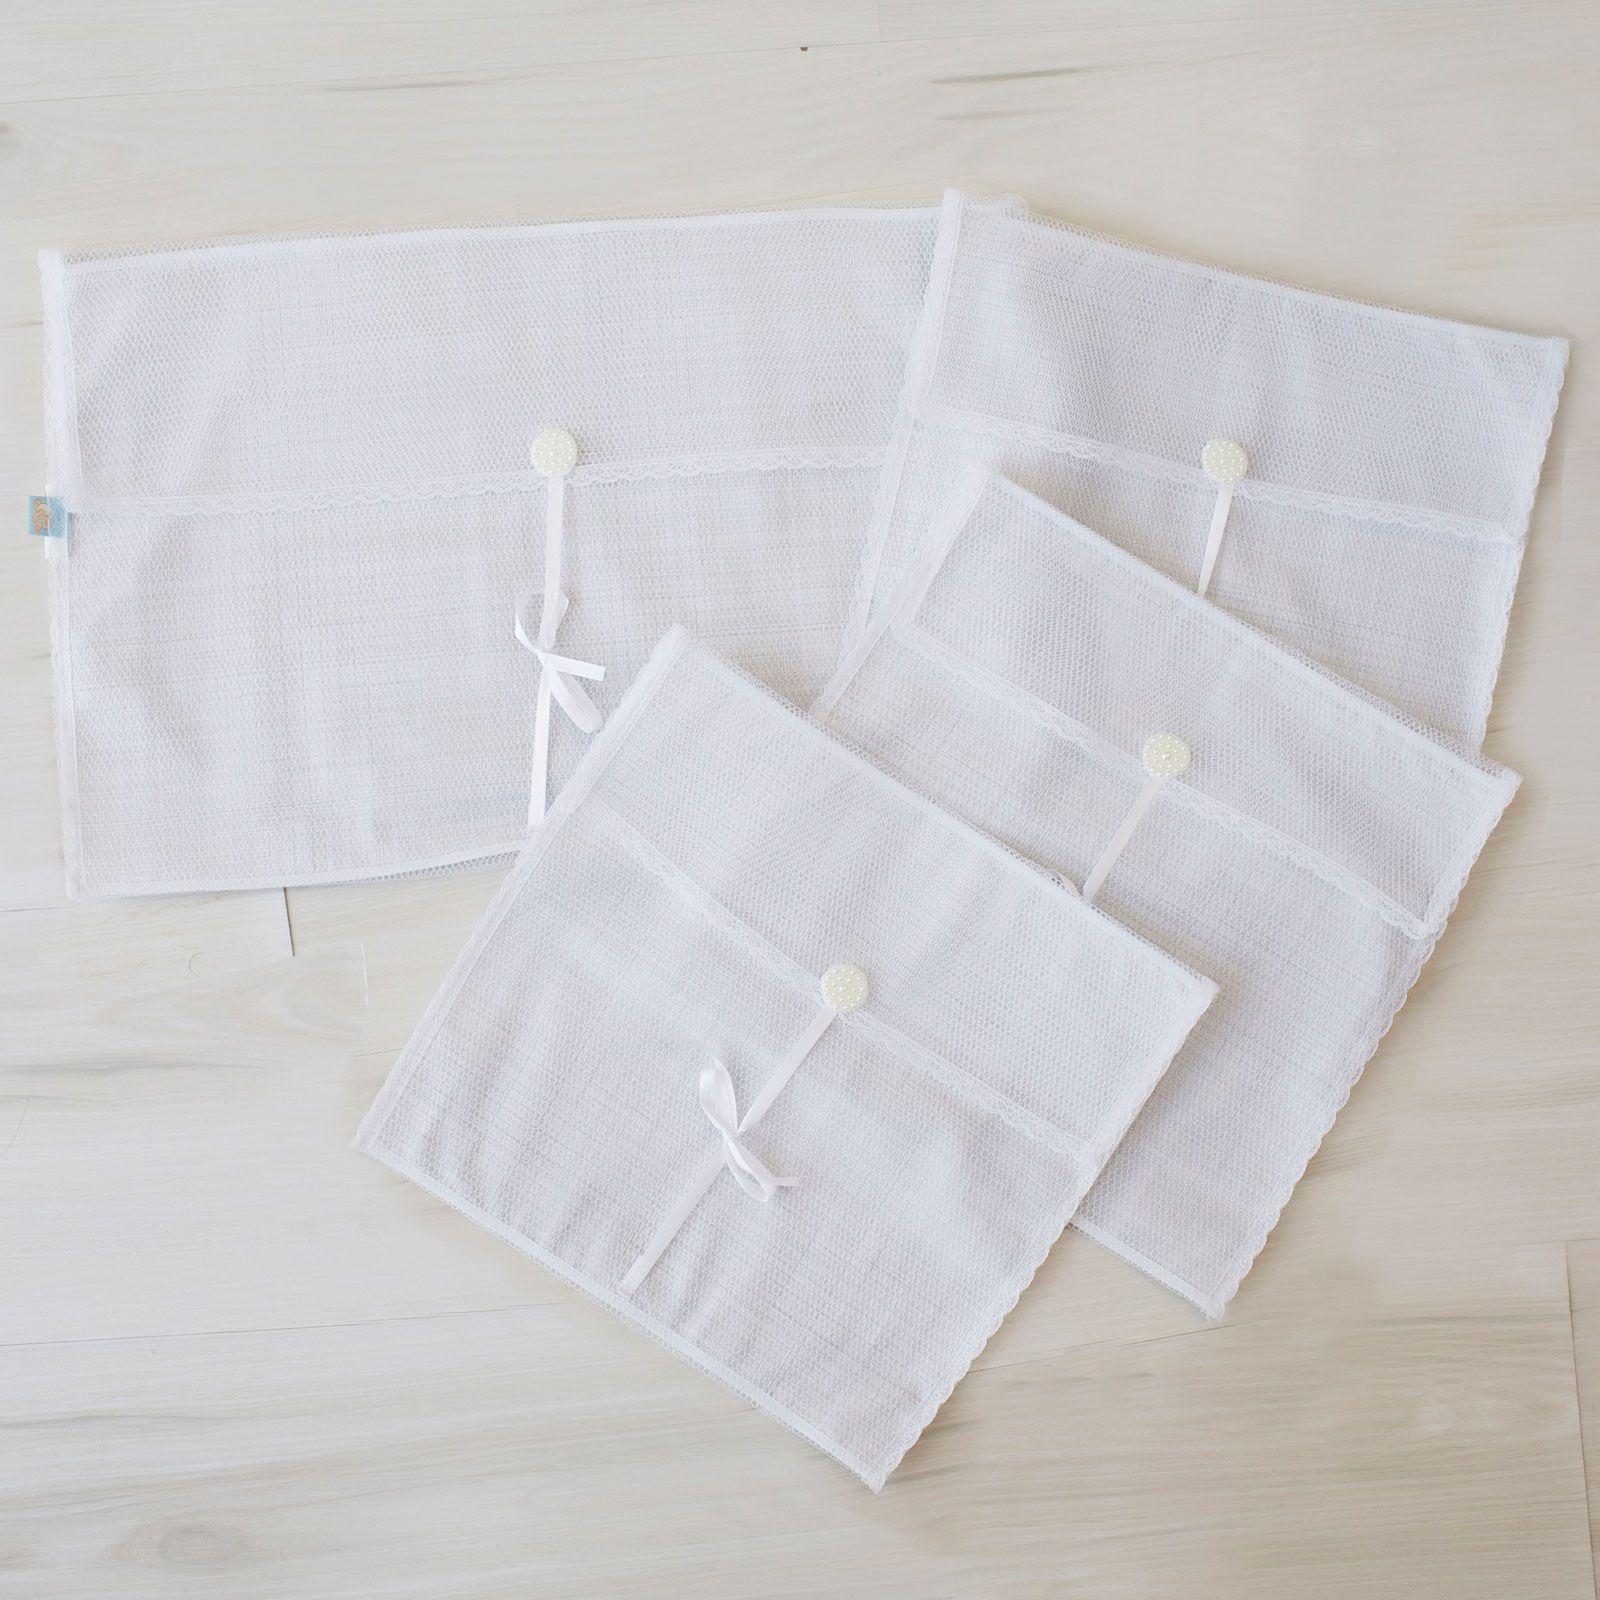 Saquinhos Maternidade Grande para Roupas Duplo Tule Xadrez Cinza e Branco com Pérolas